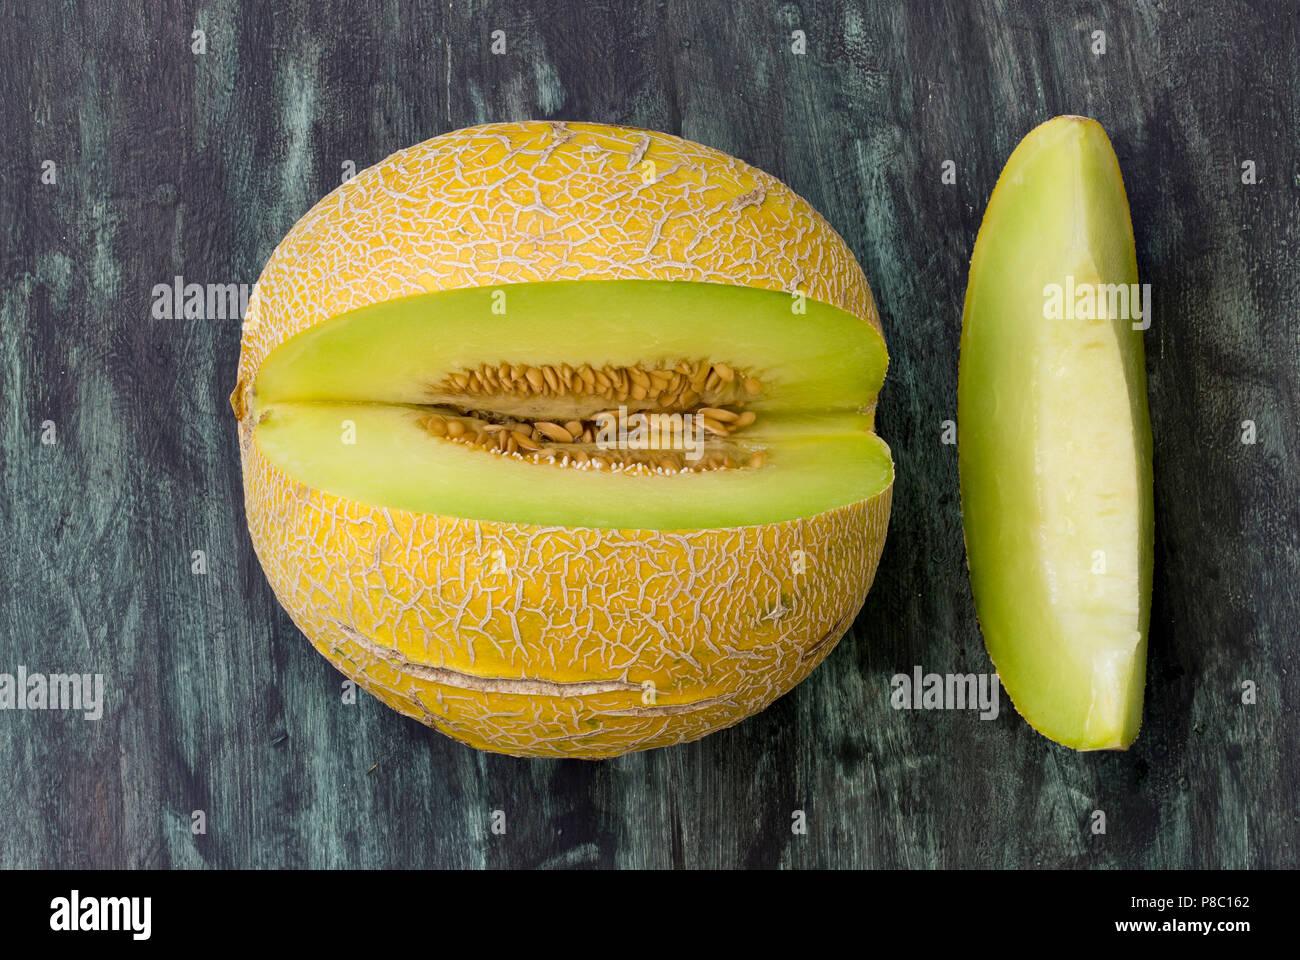 Cantaloups frais coupé en morceaux sur la table en bois.Directement au-dessus de la vue. Photo Stock